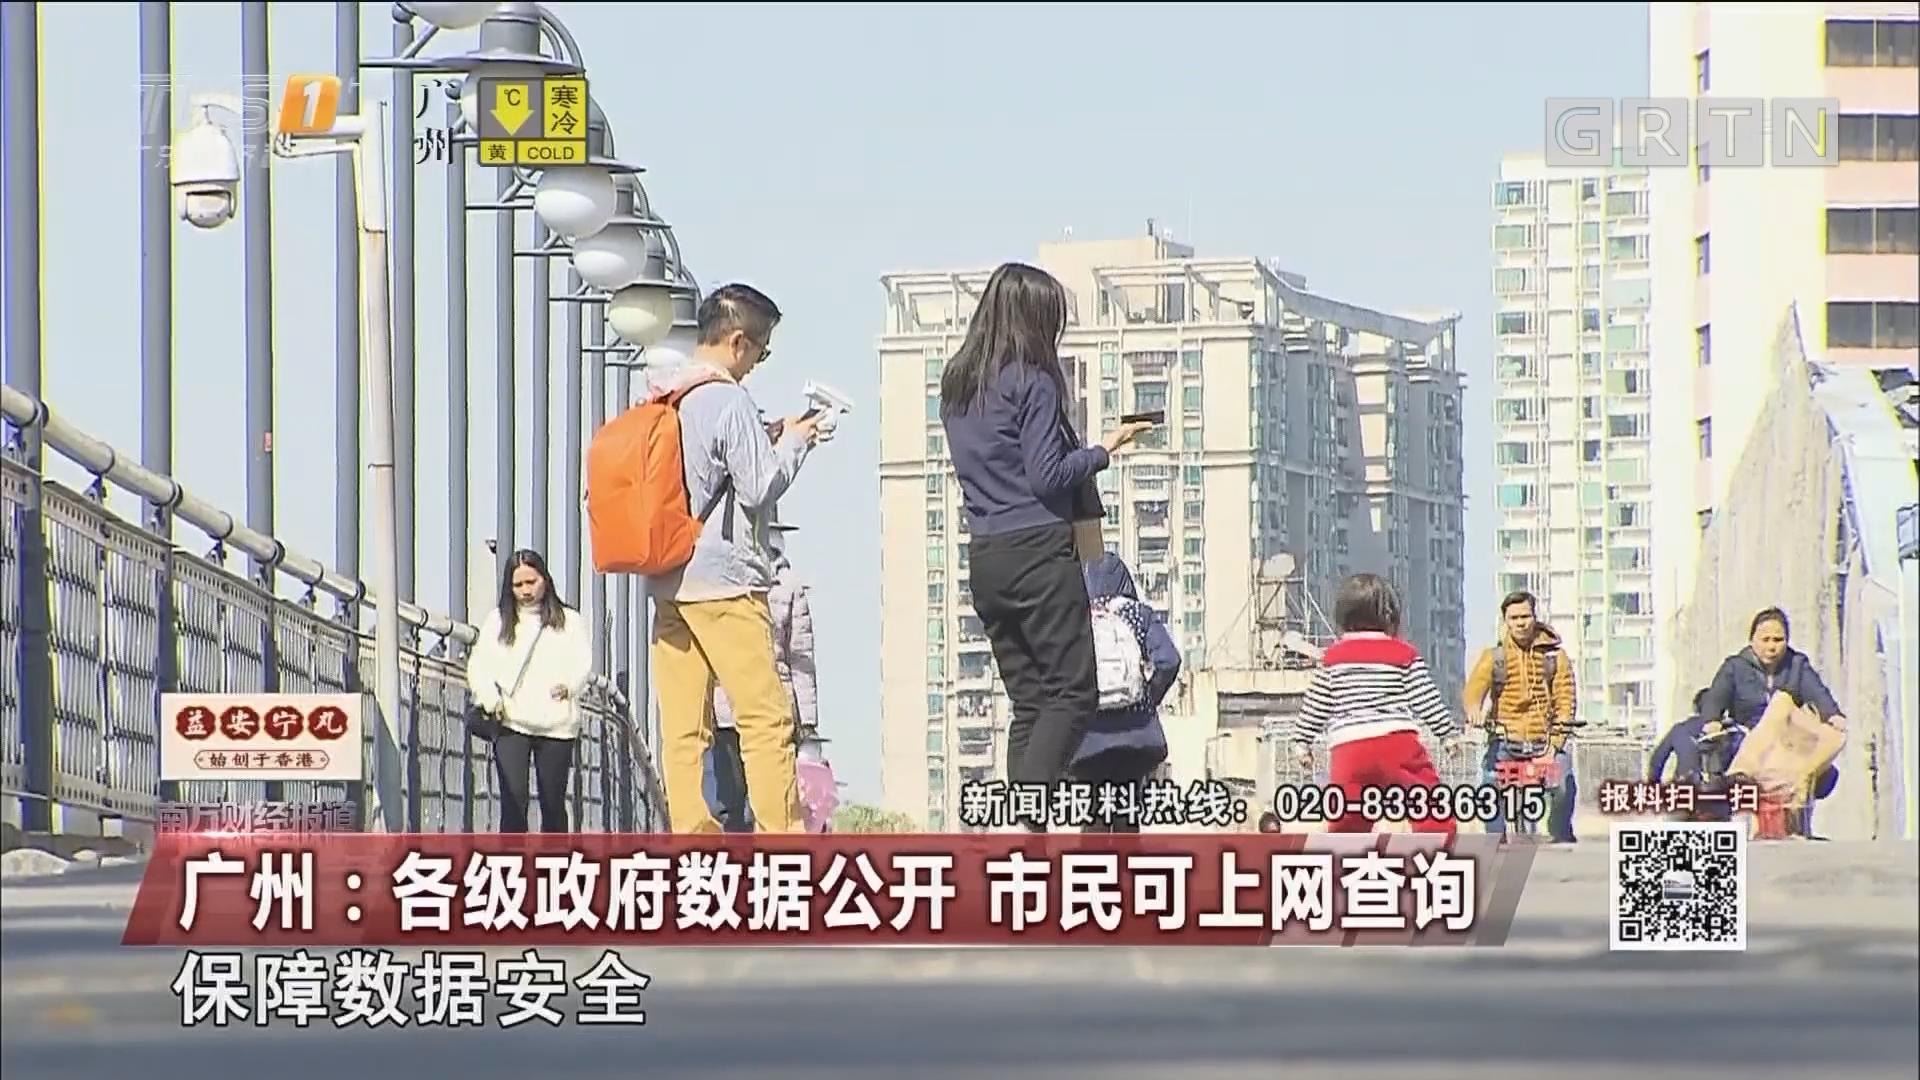 广州:各级政府数据公开 市民可上网查询